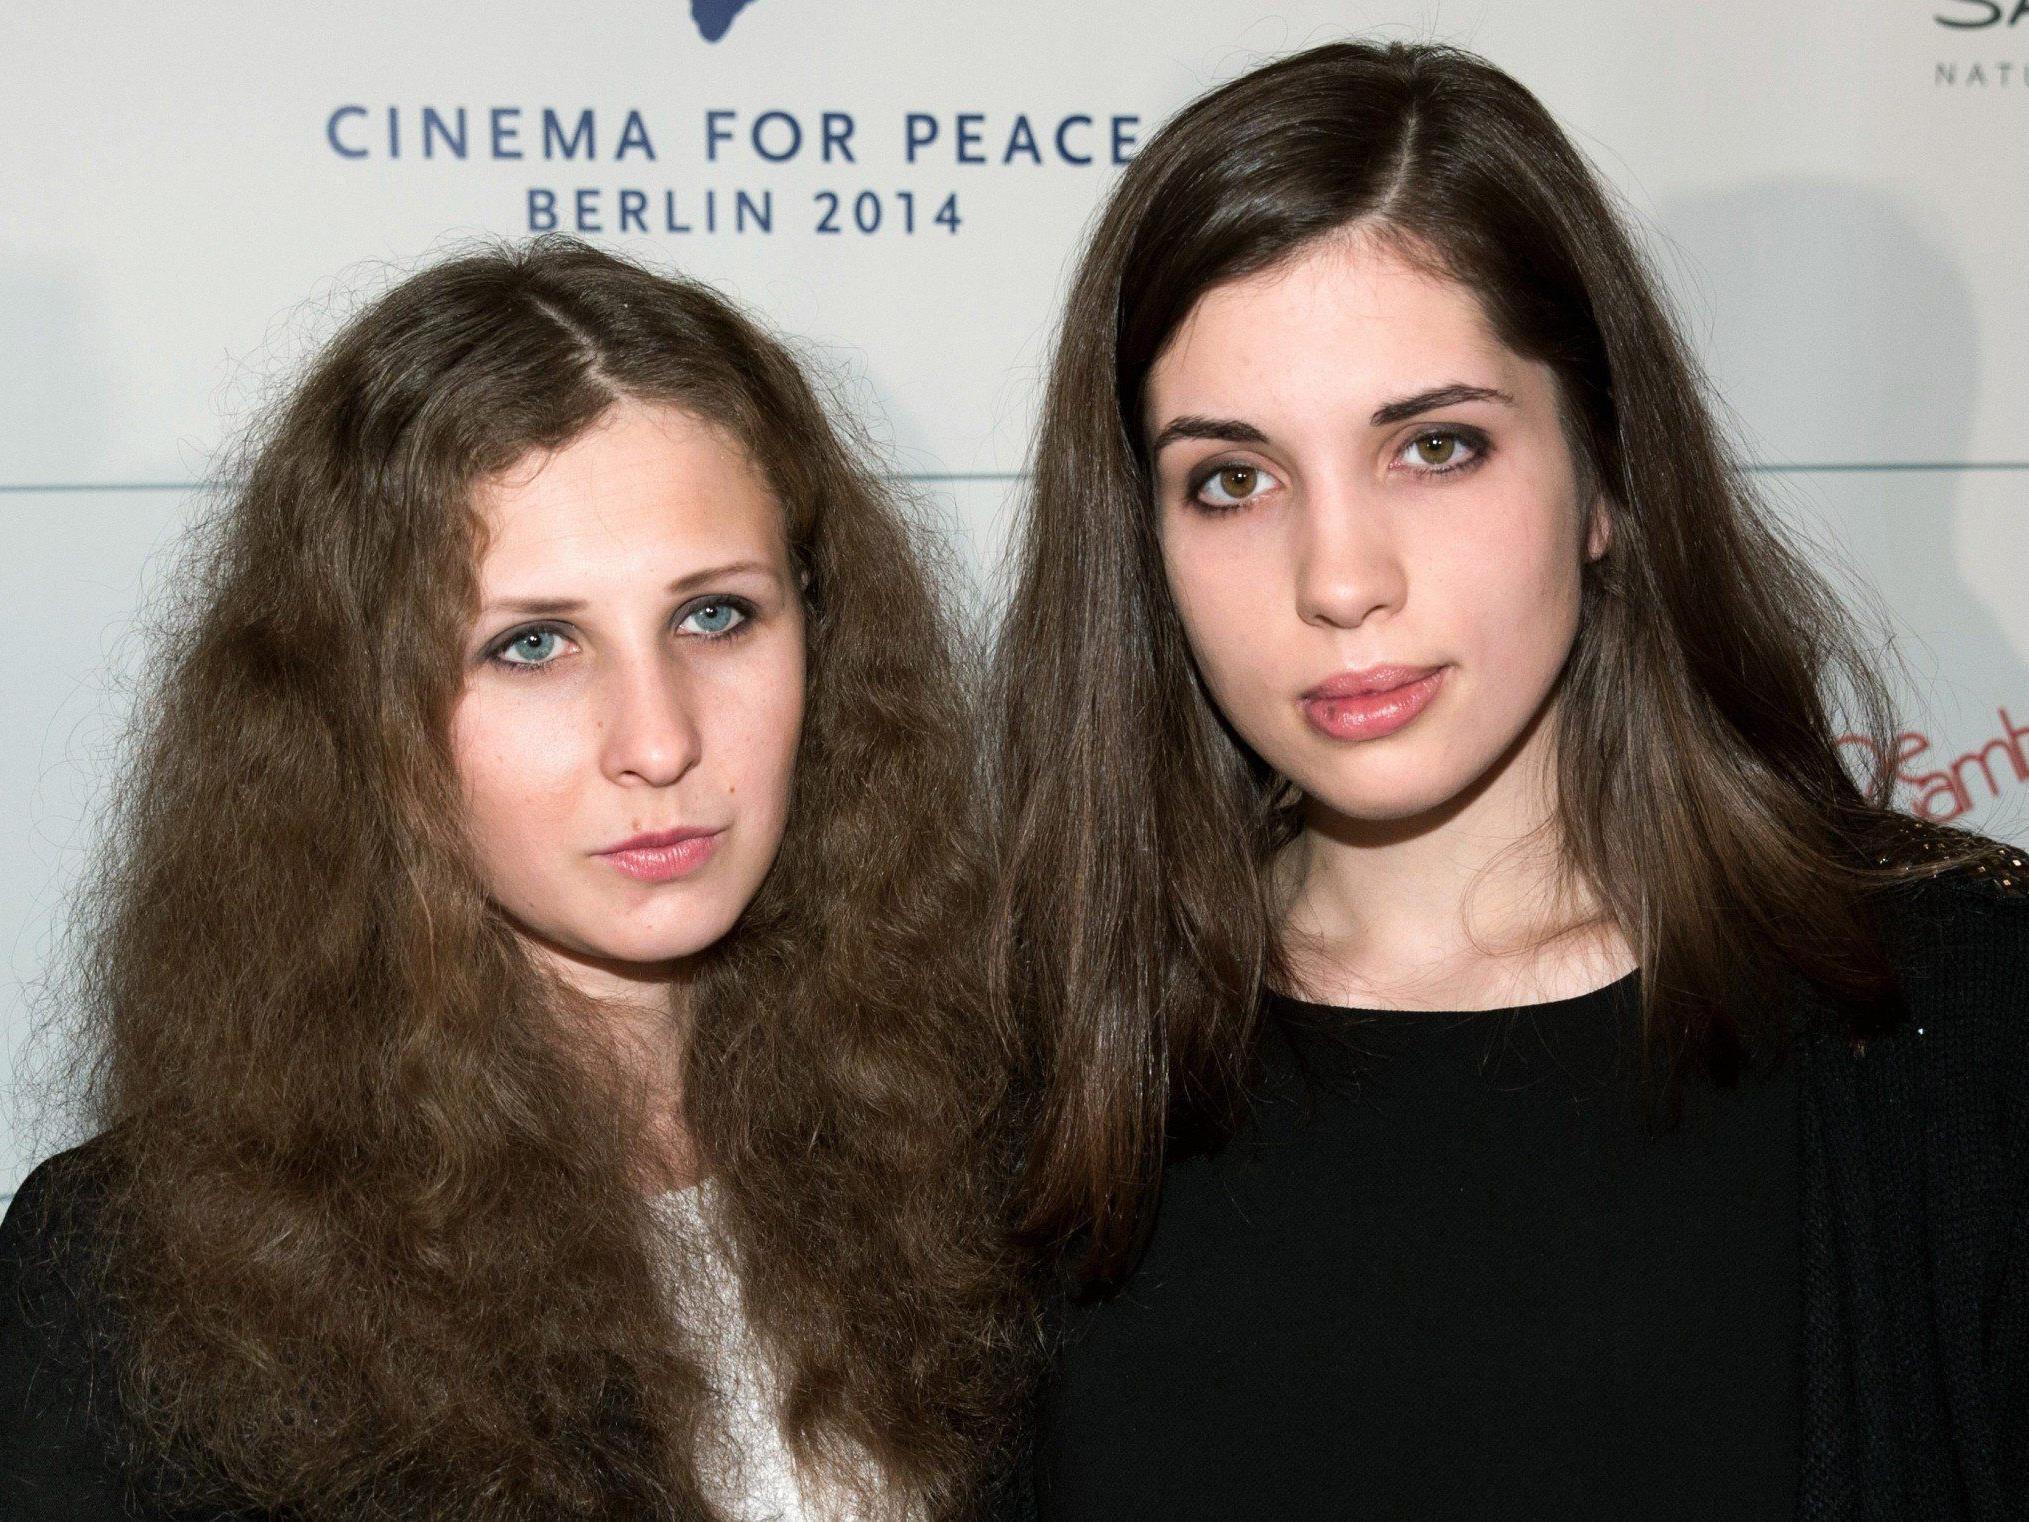 Erst im Dezember wurden die beiden Mitglieder von Pussy Riot von Wladimir Putin begnadigt.